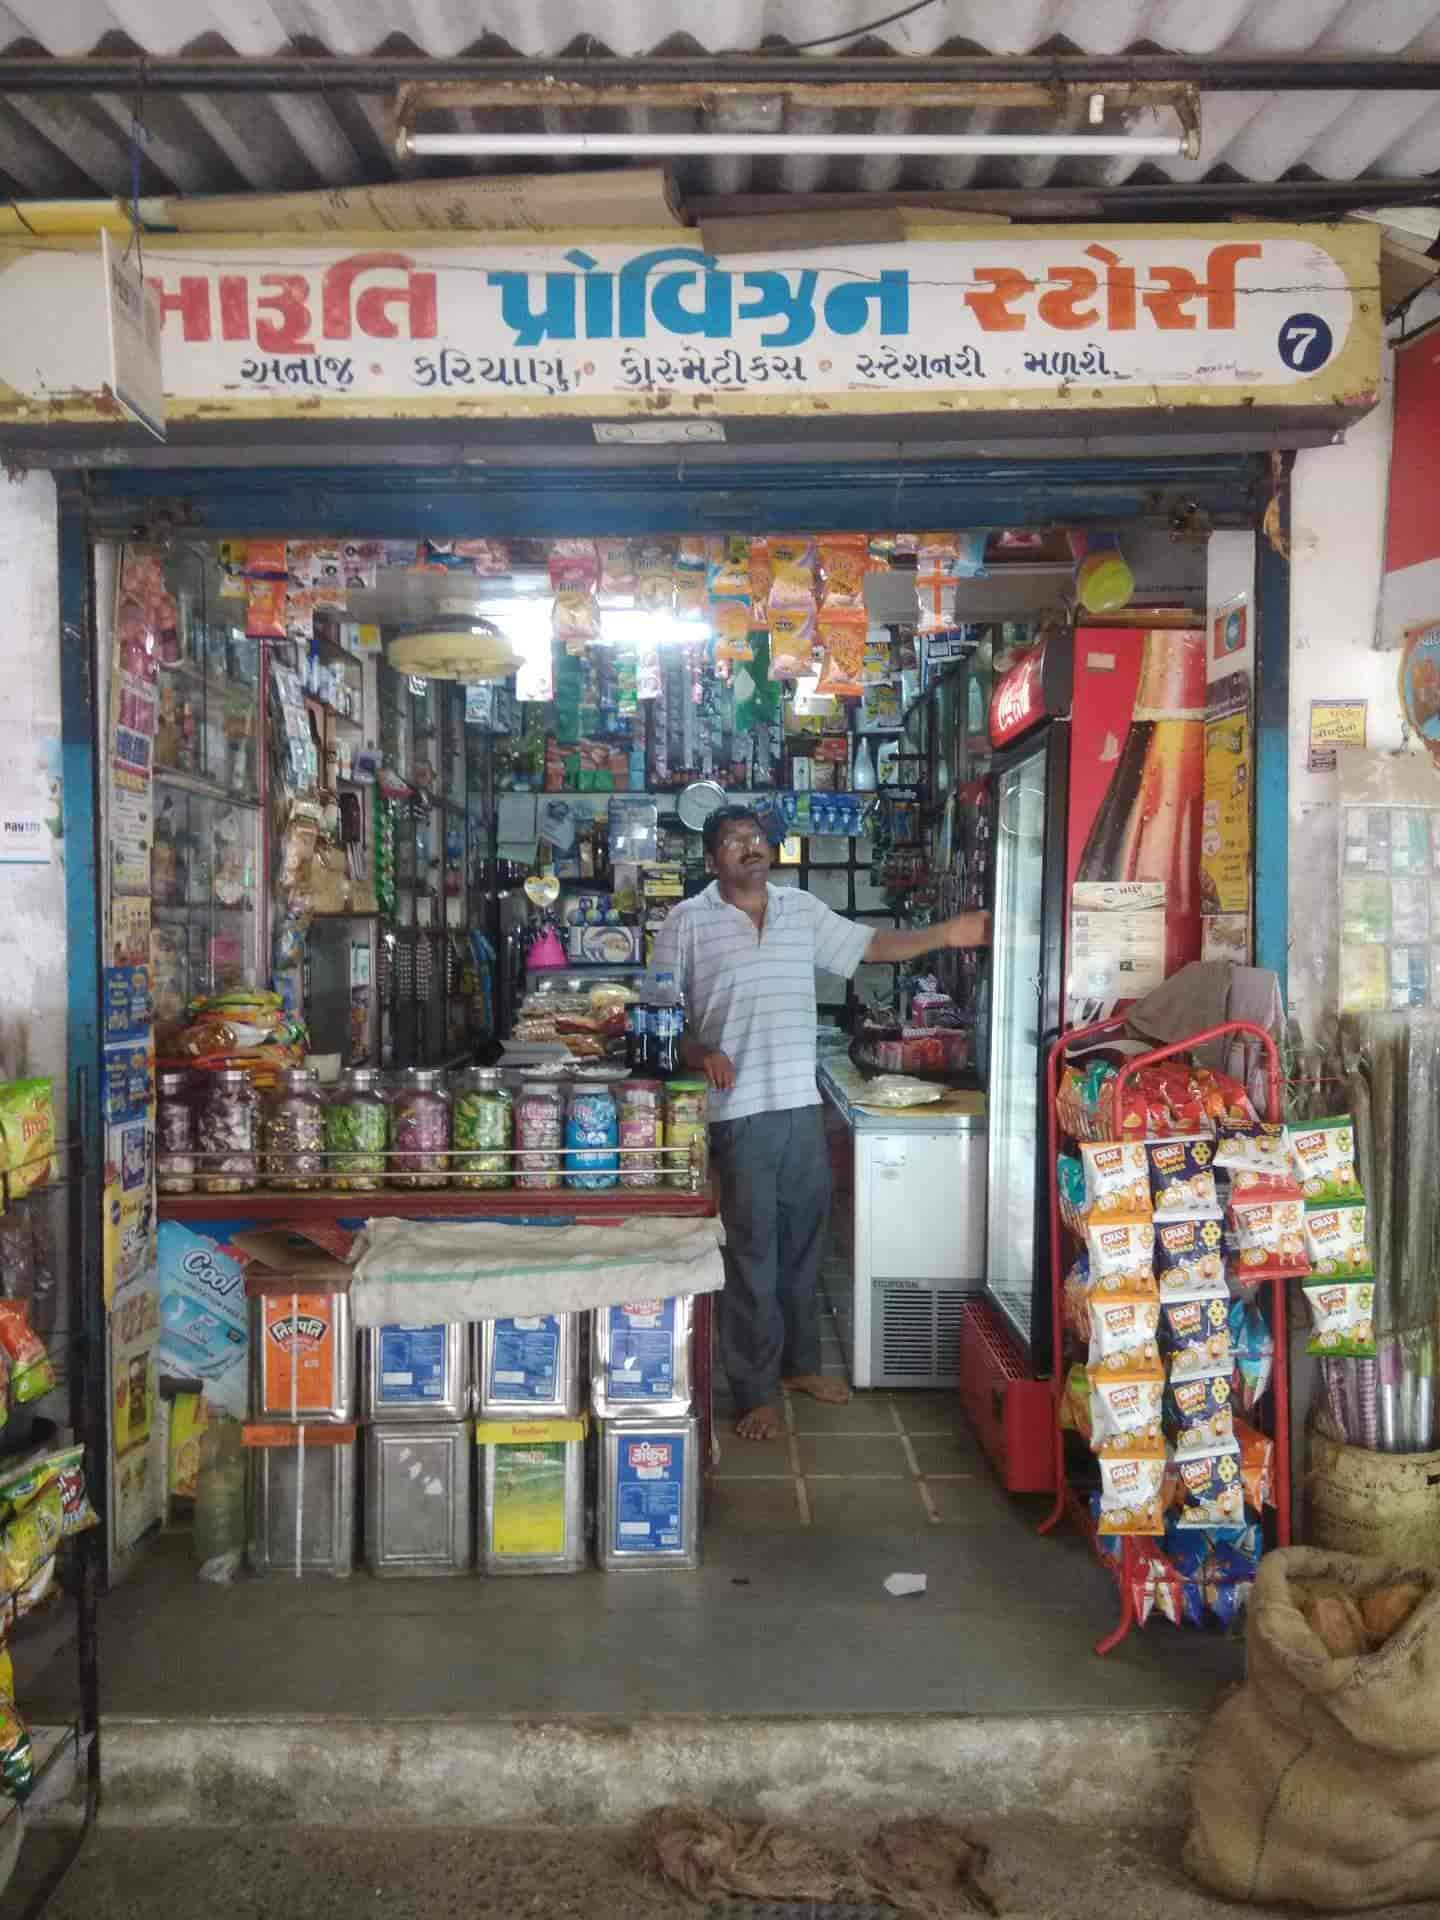 Top 30 Betel Nut Retailers in Diwalipura - Best Supari